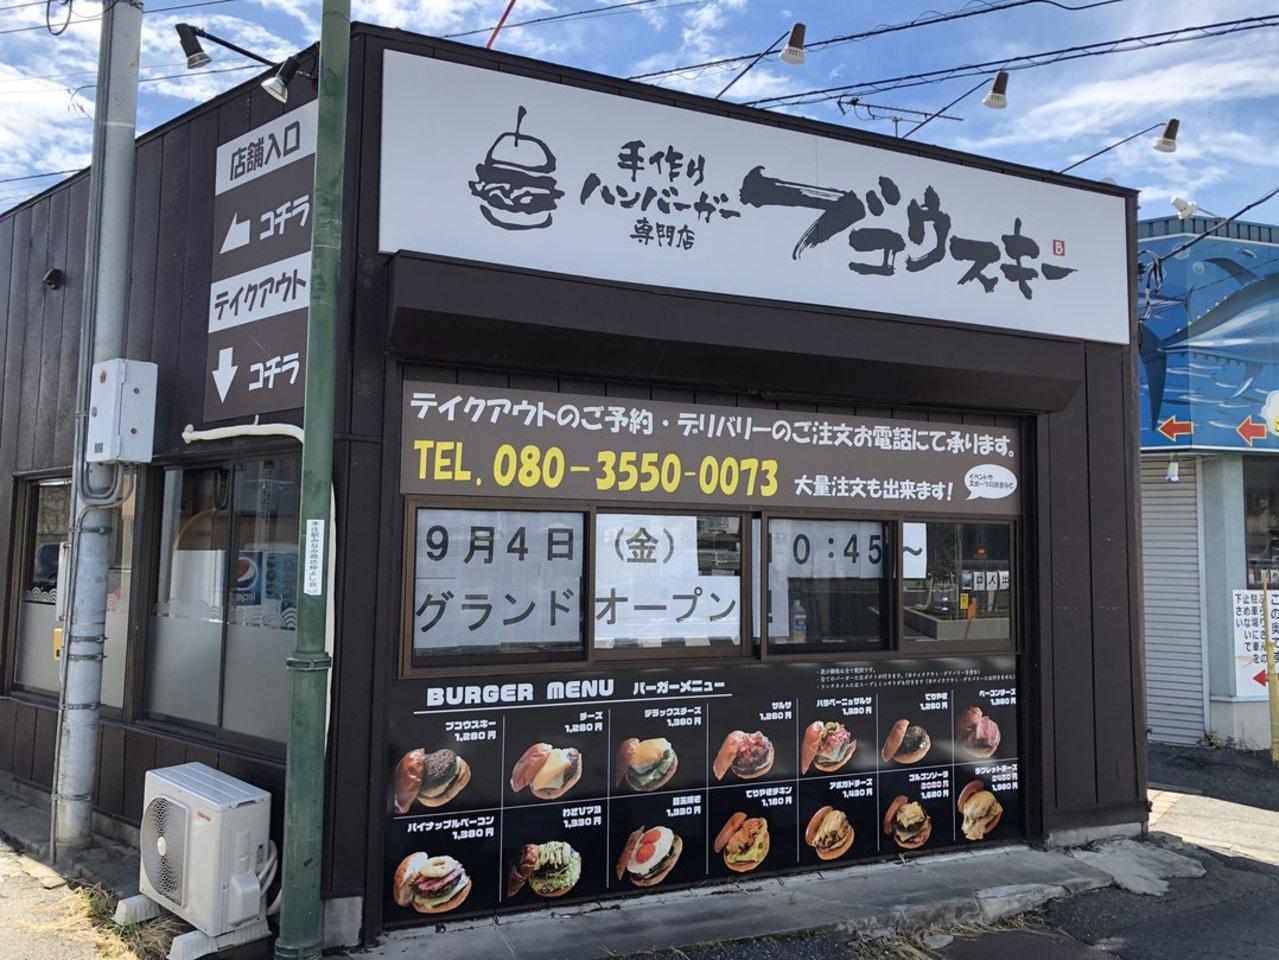 祝!9/4.GrandOpen『ブコウスキー本庄店』手作りハンバーガー専門店(埼玉県本庄市)